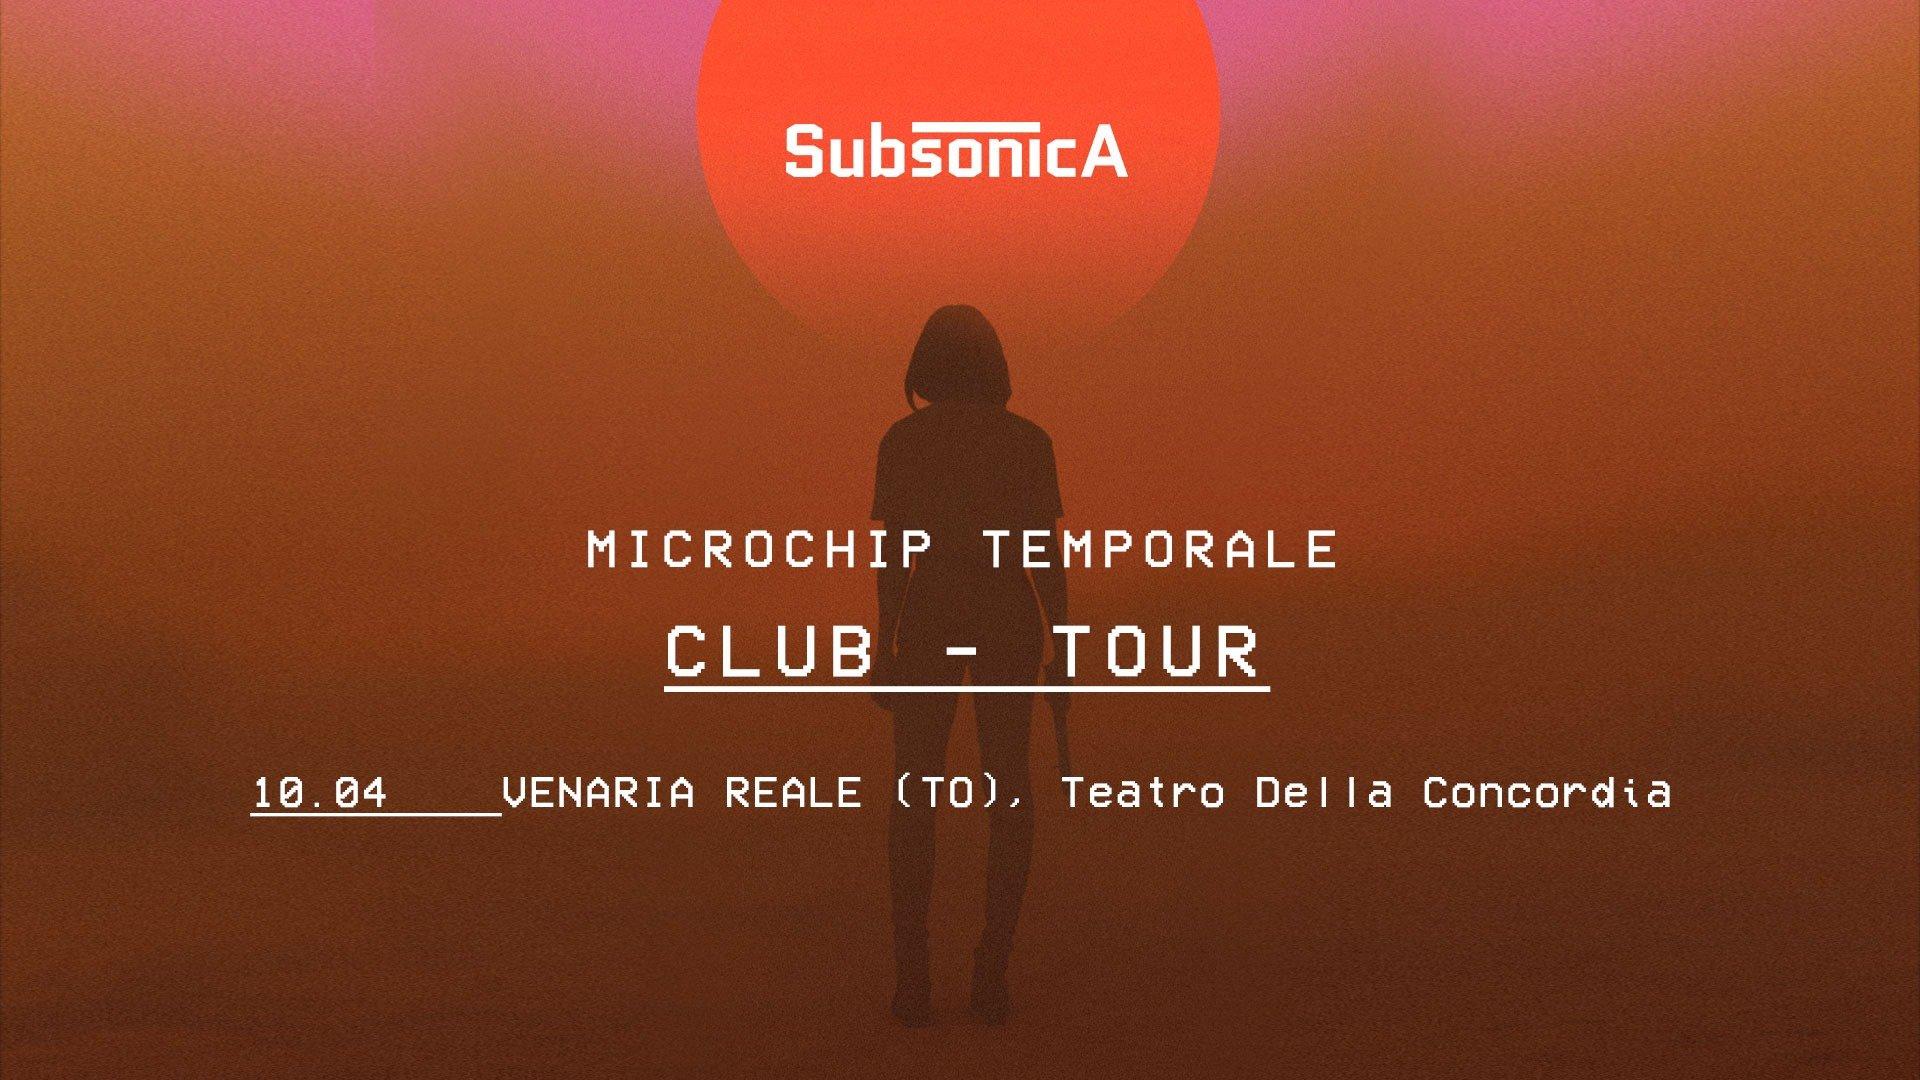 Teatro Concordia Venaria Reale - Torino, Subsonica, Microchip Temporale secondo concerto